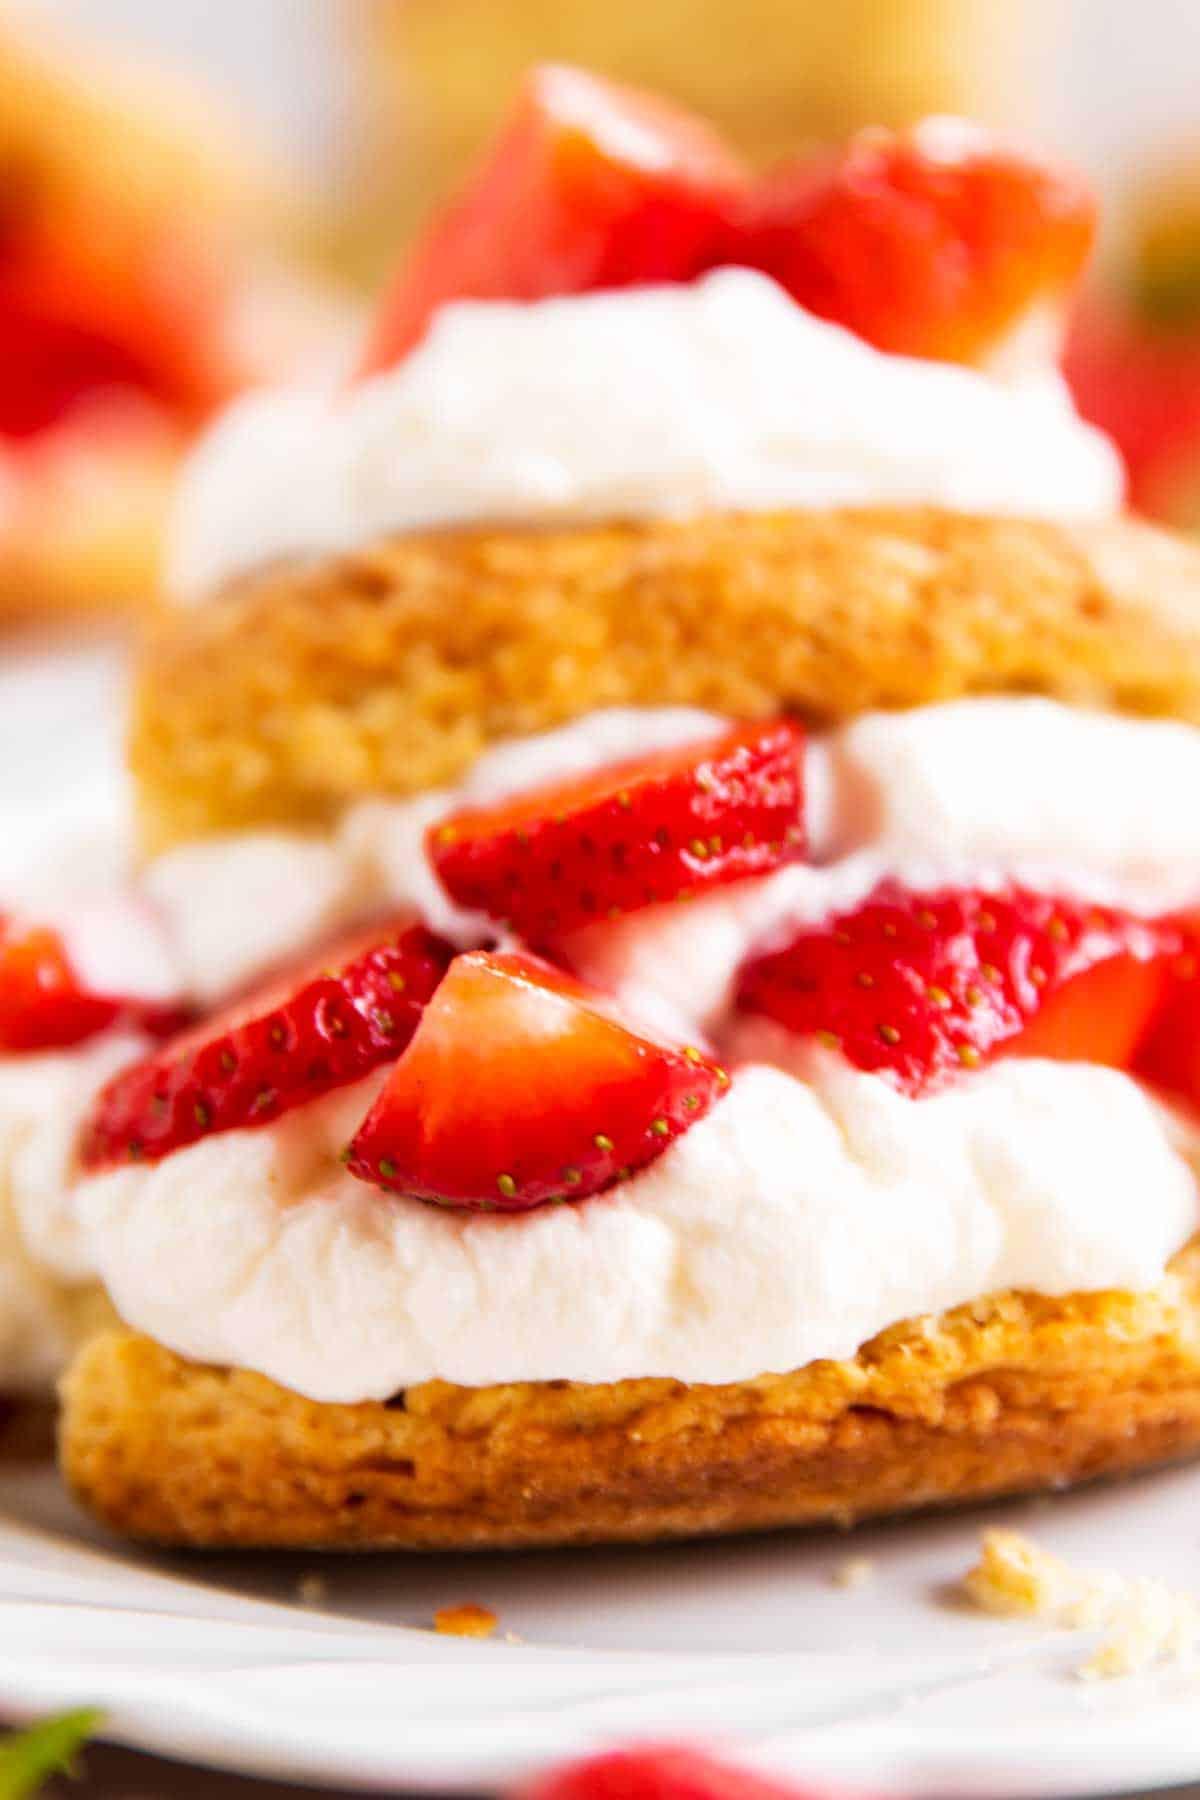 close up photo of strawberry shortcake